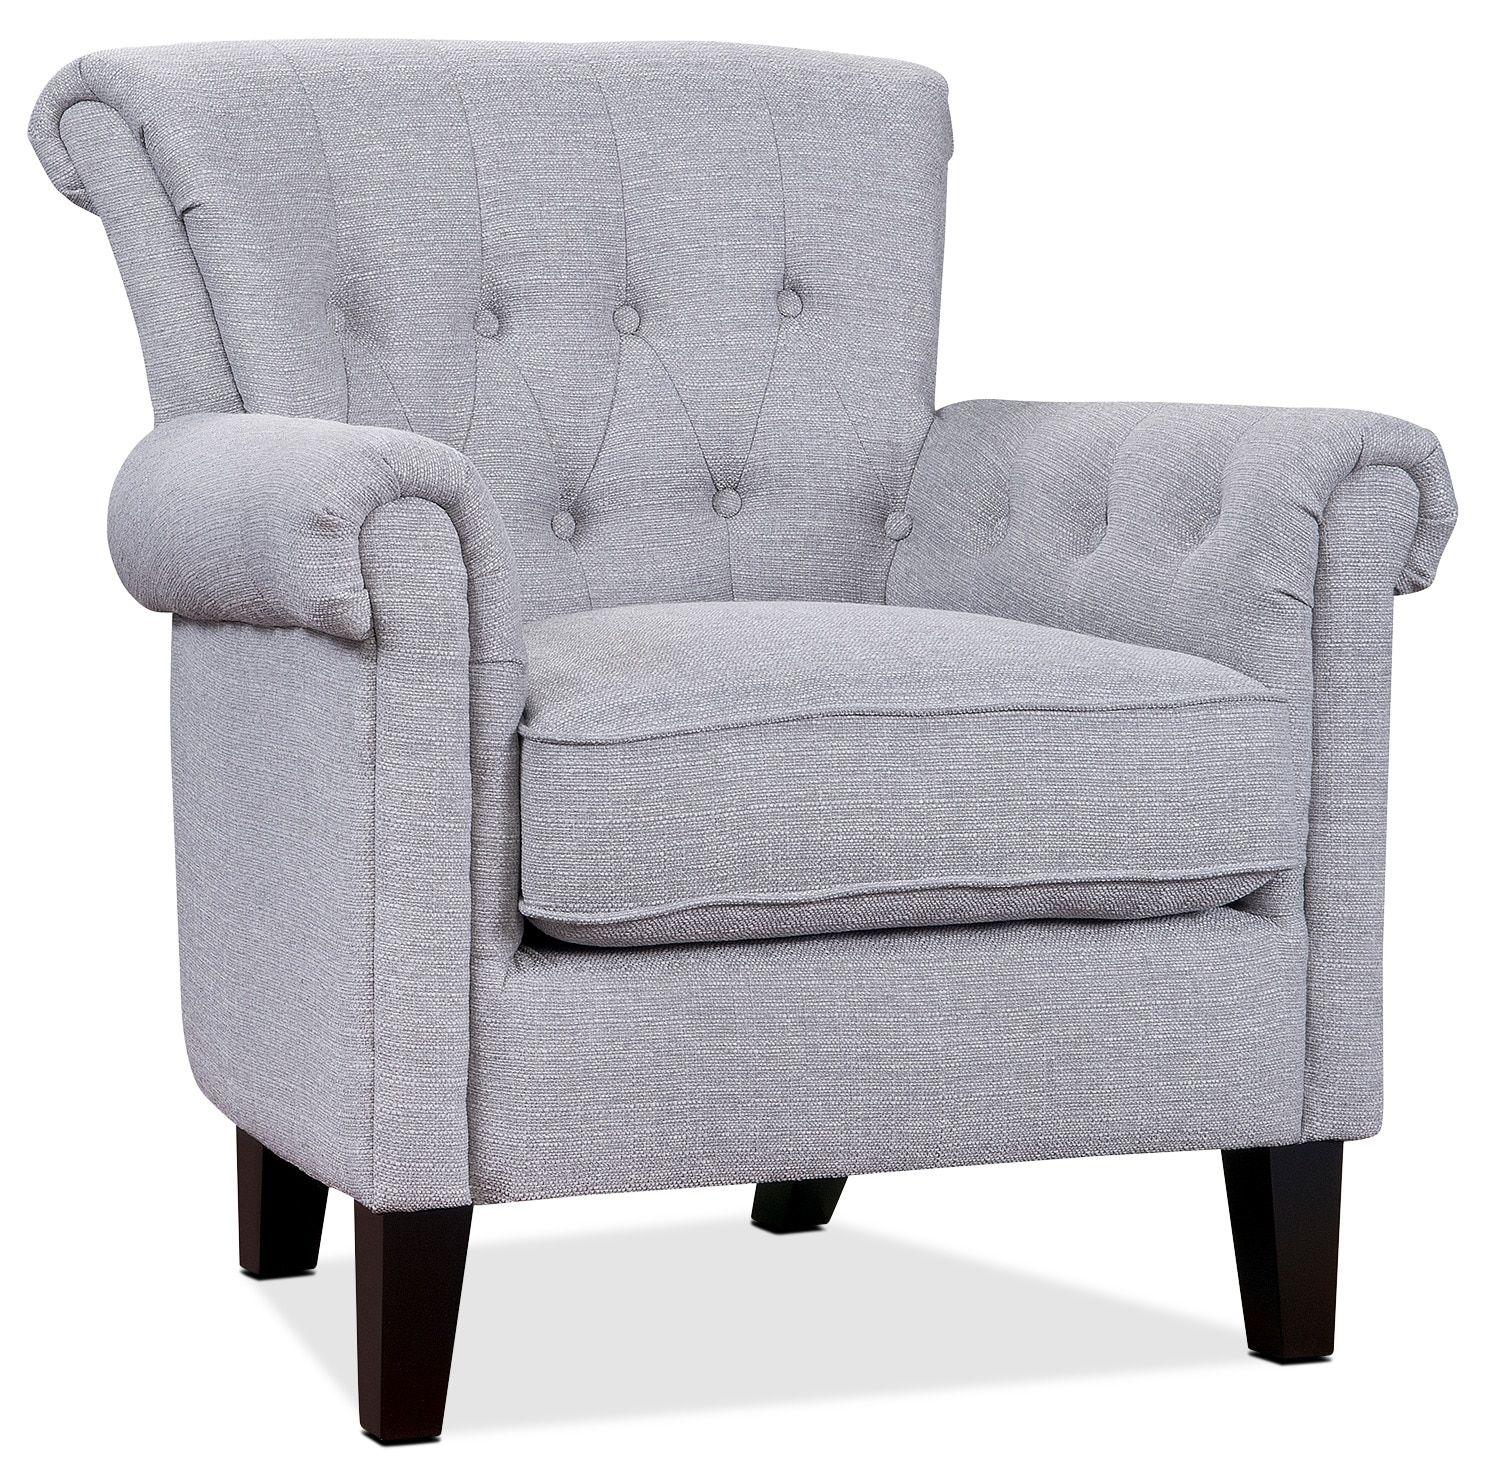 Rot Accent Stuhle Fur Wohnzimmer Sehr Kleinen Akzent Stuhle